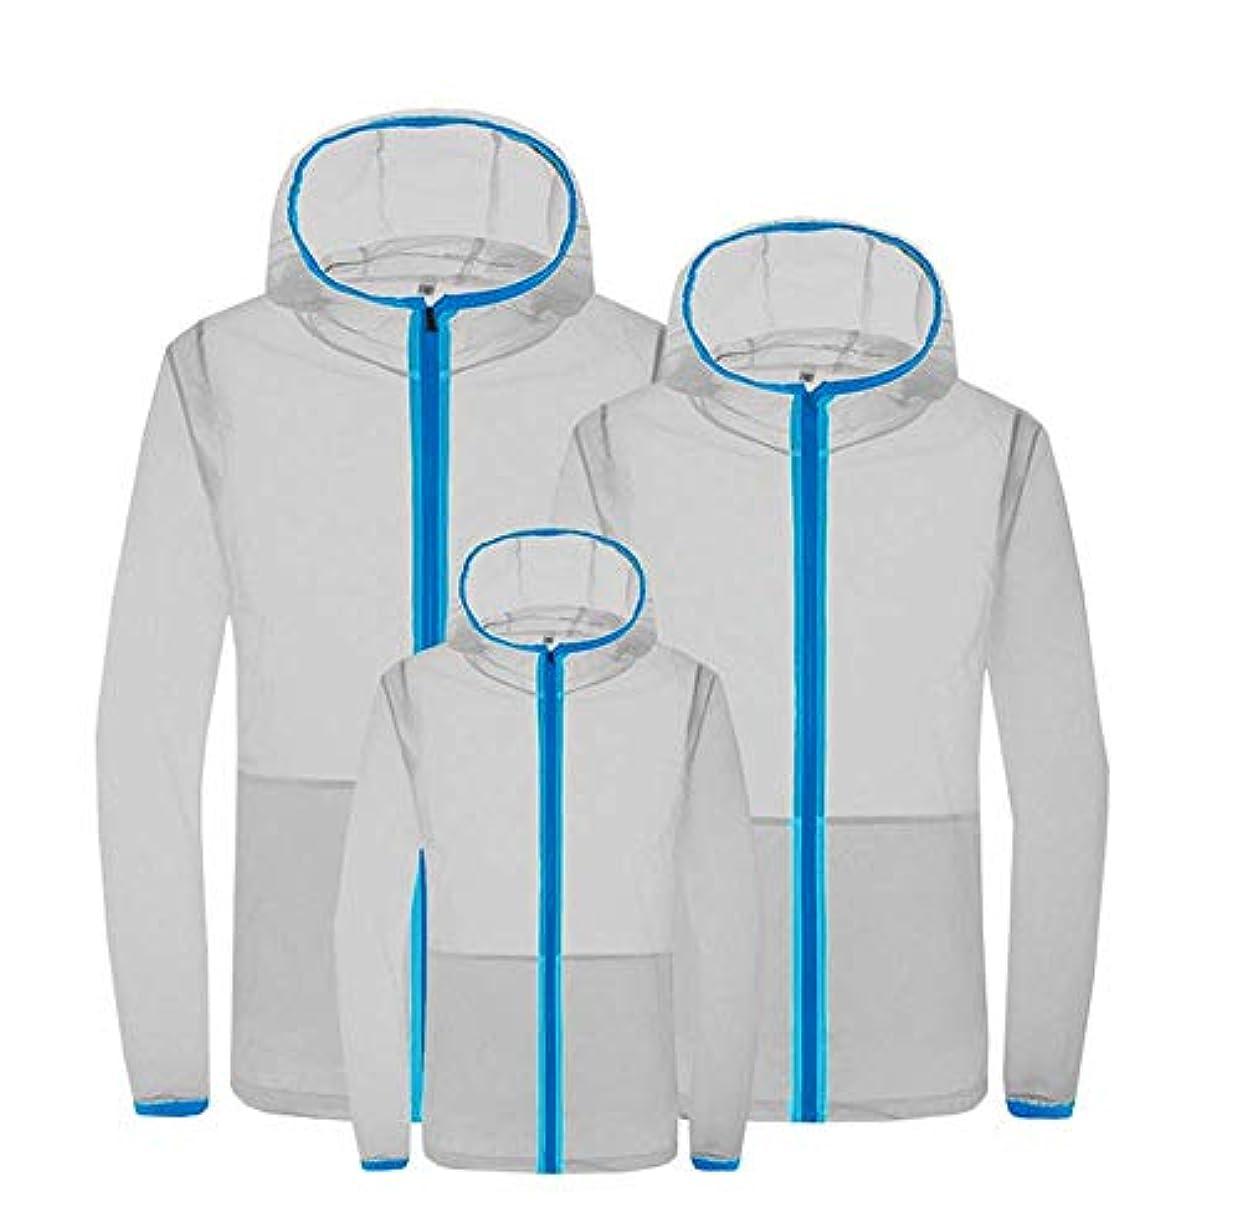 取り囲む落花生成熟夏のエアコンスーツスマート3速冷却スーツ日焼け防止服防滴防蚊服ファン冷却肌の服,Gray,S